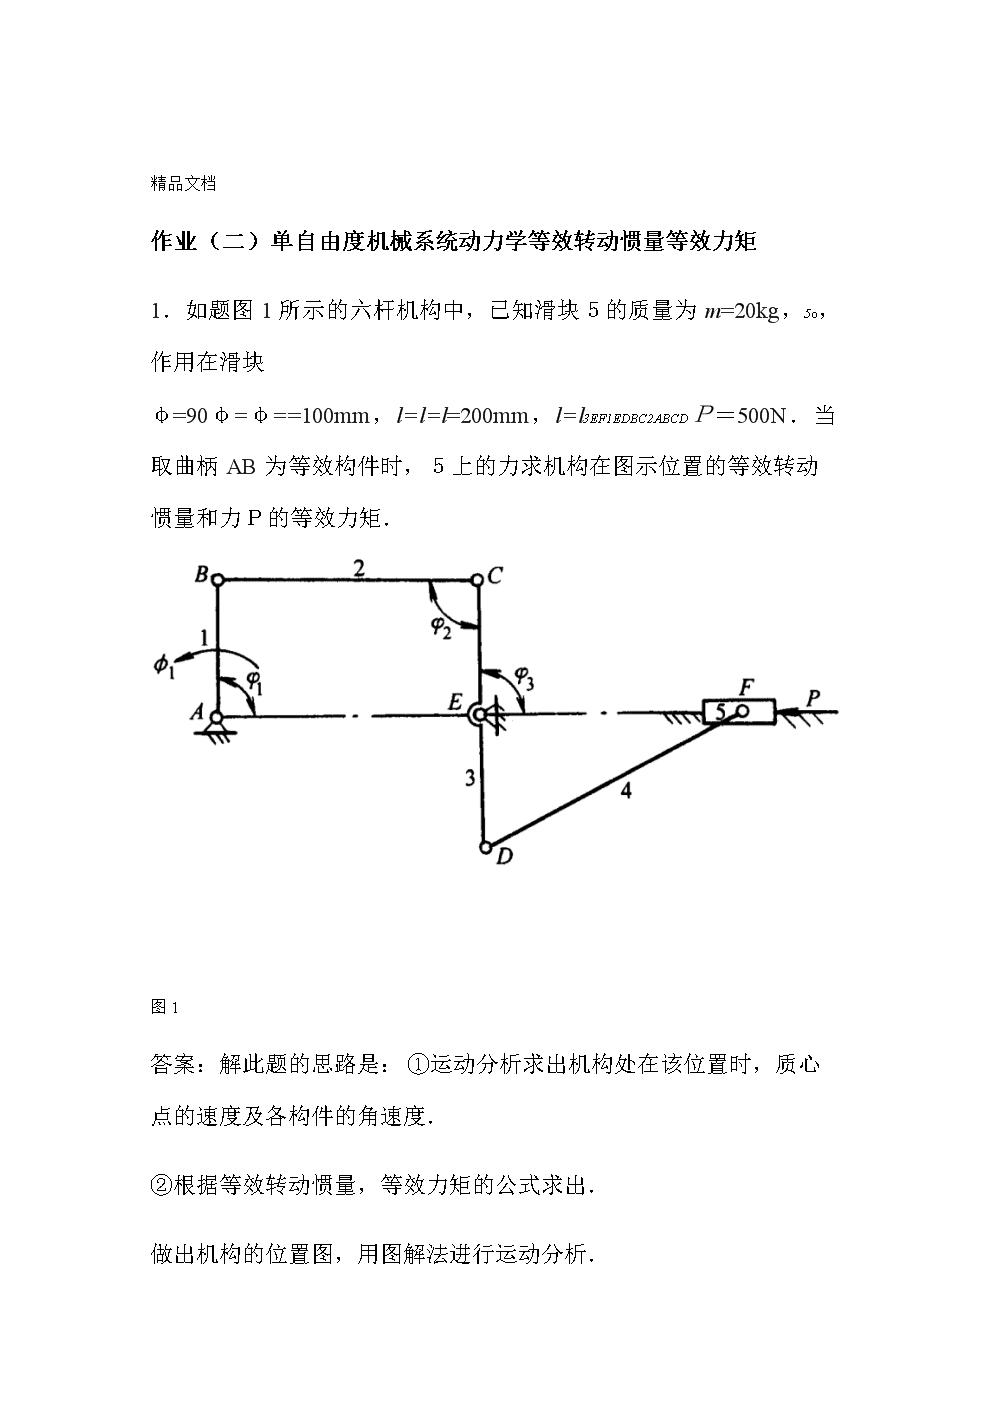 最新作業二答案單自由度機械系統動力學等效轉動慣量等效力矩.doc